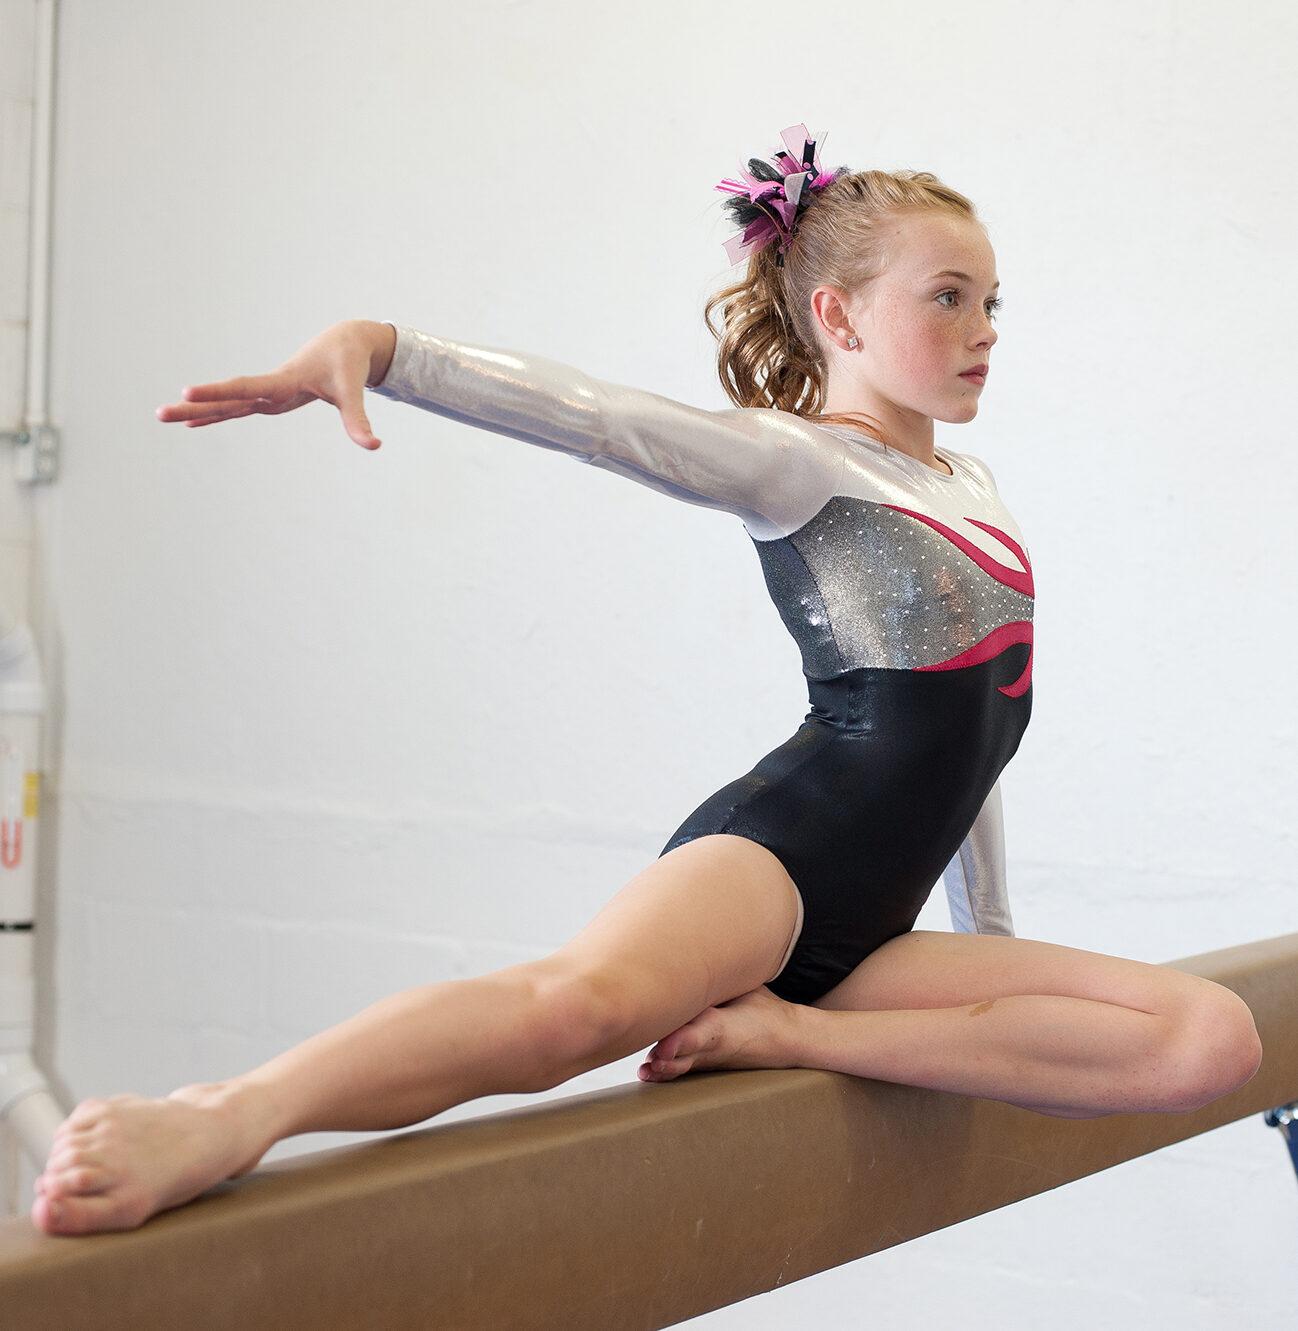 Image Larabesko | Le spécialiste de la danse, de la gym et du yoga